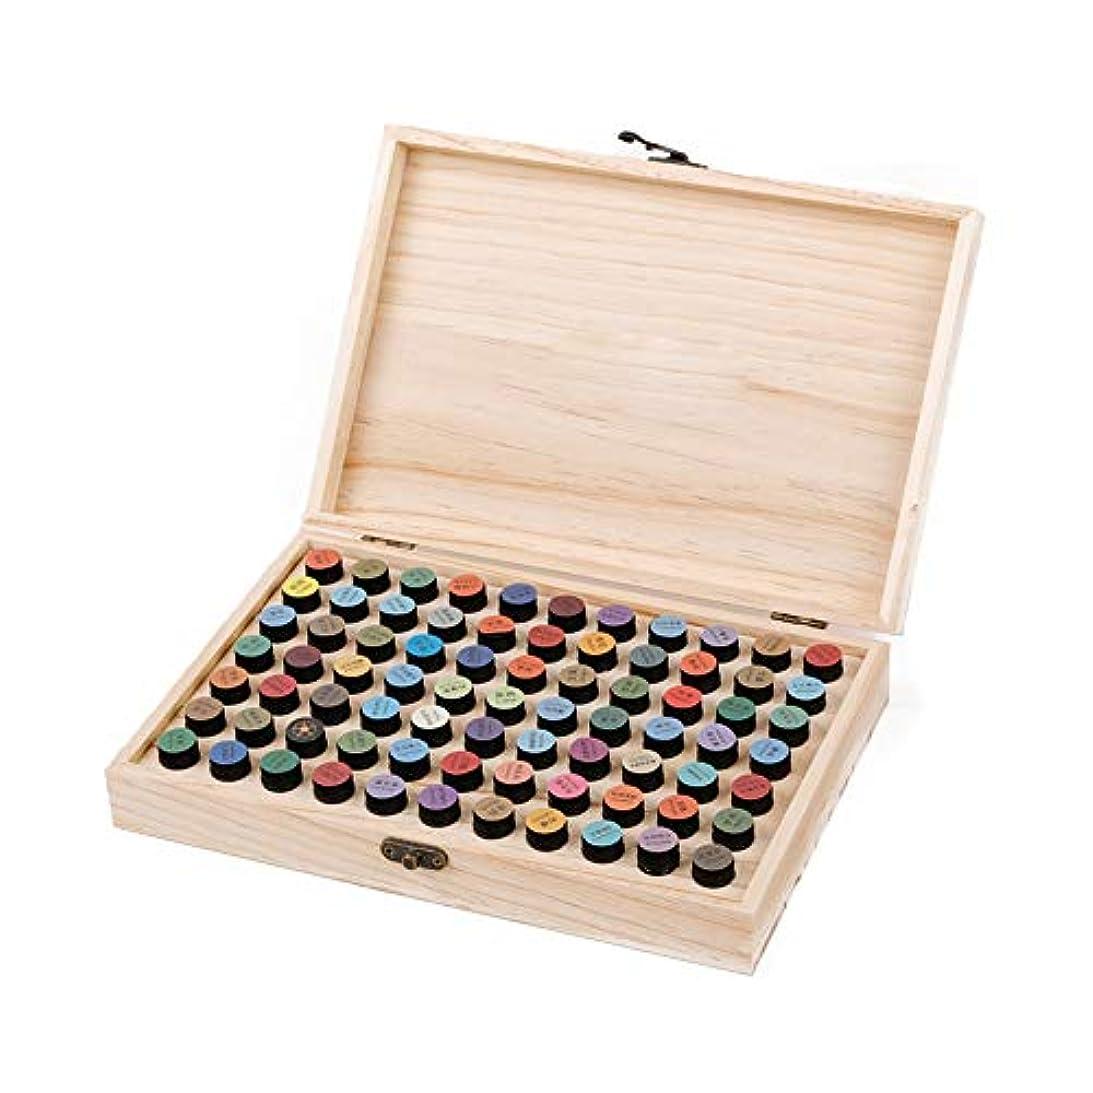 レモン球状コンパイルエッセンシャルオイルの保管 2ミリリットルエッセンシャルオイルのために77ボトル木製エッセンシャルオイルストレージボックス77スロット (色 : Natural, サイズ : 29X19X4CM)